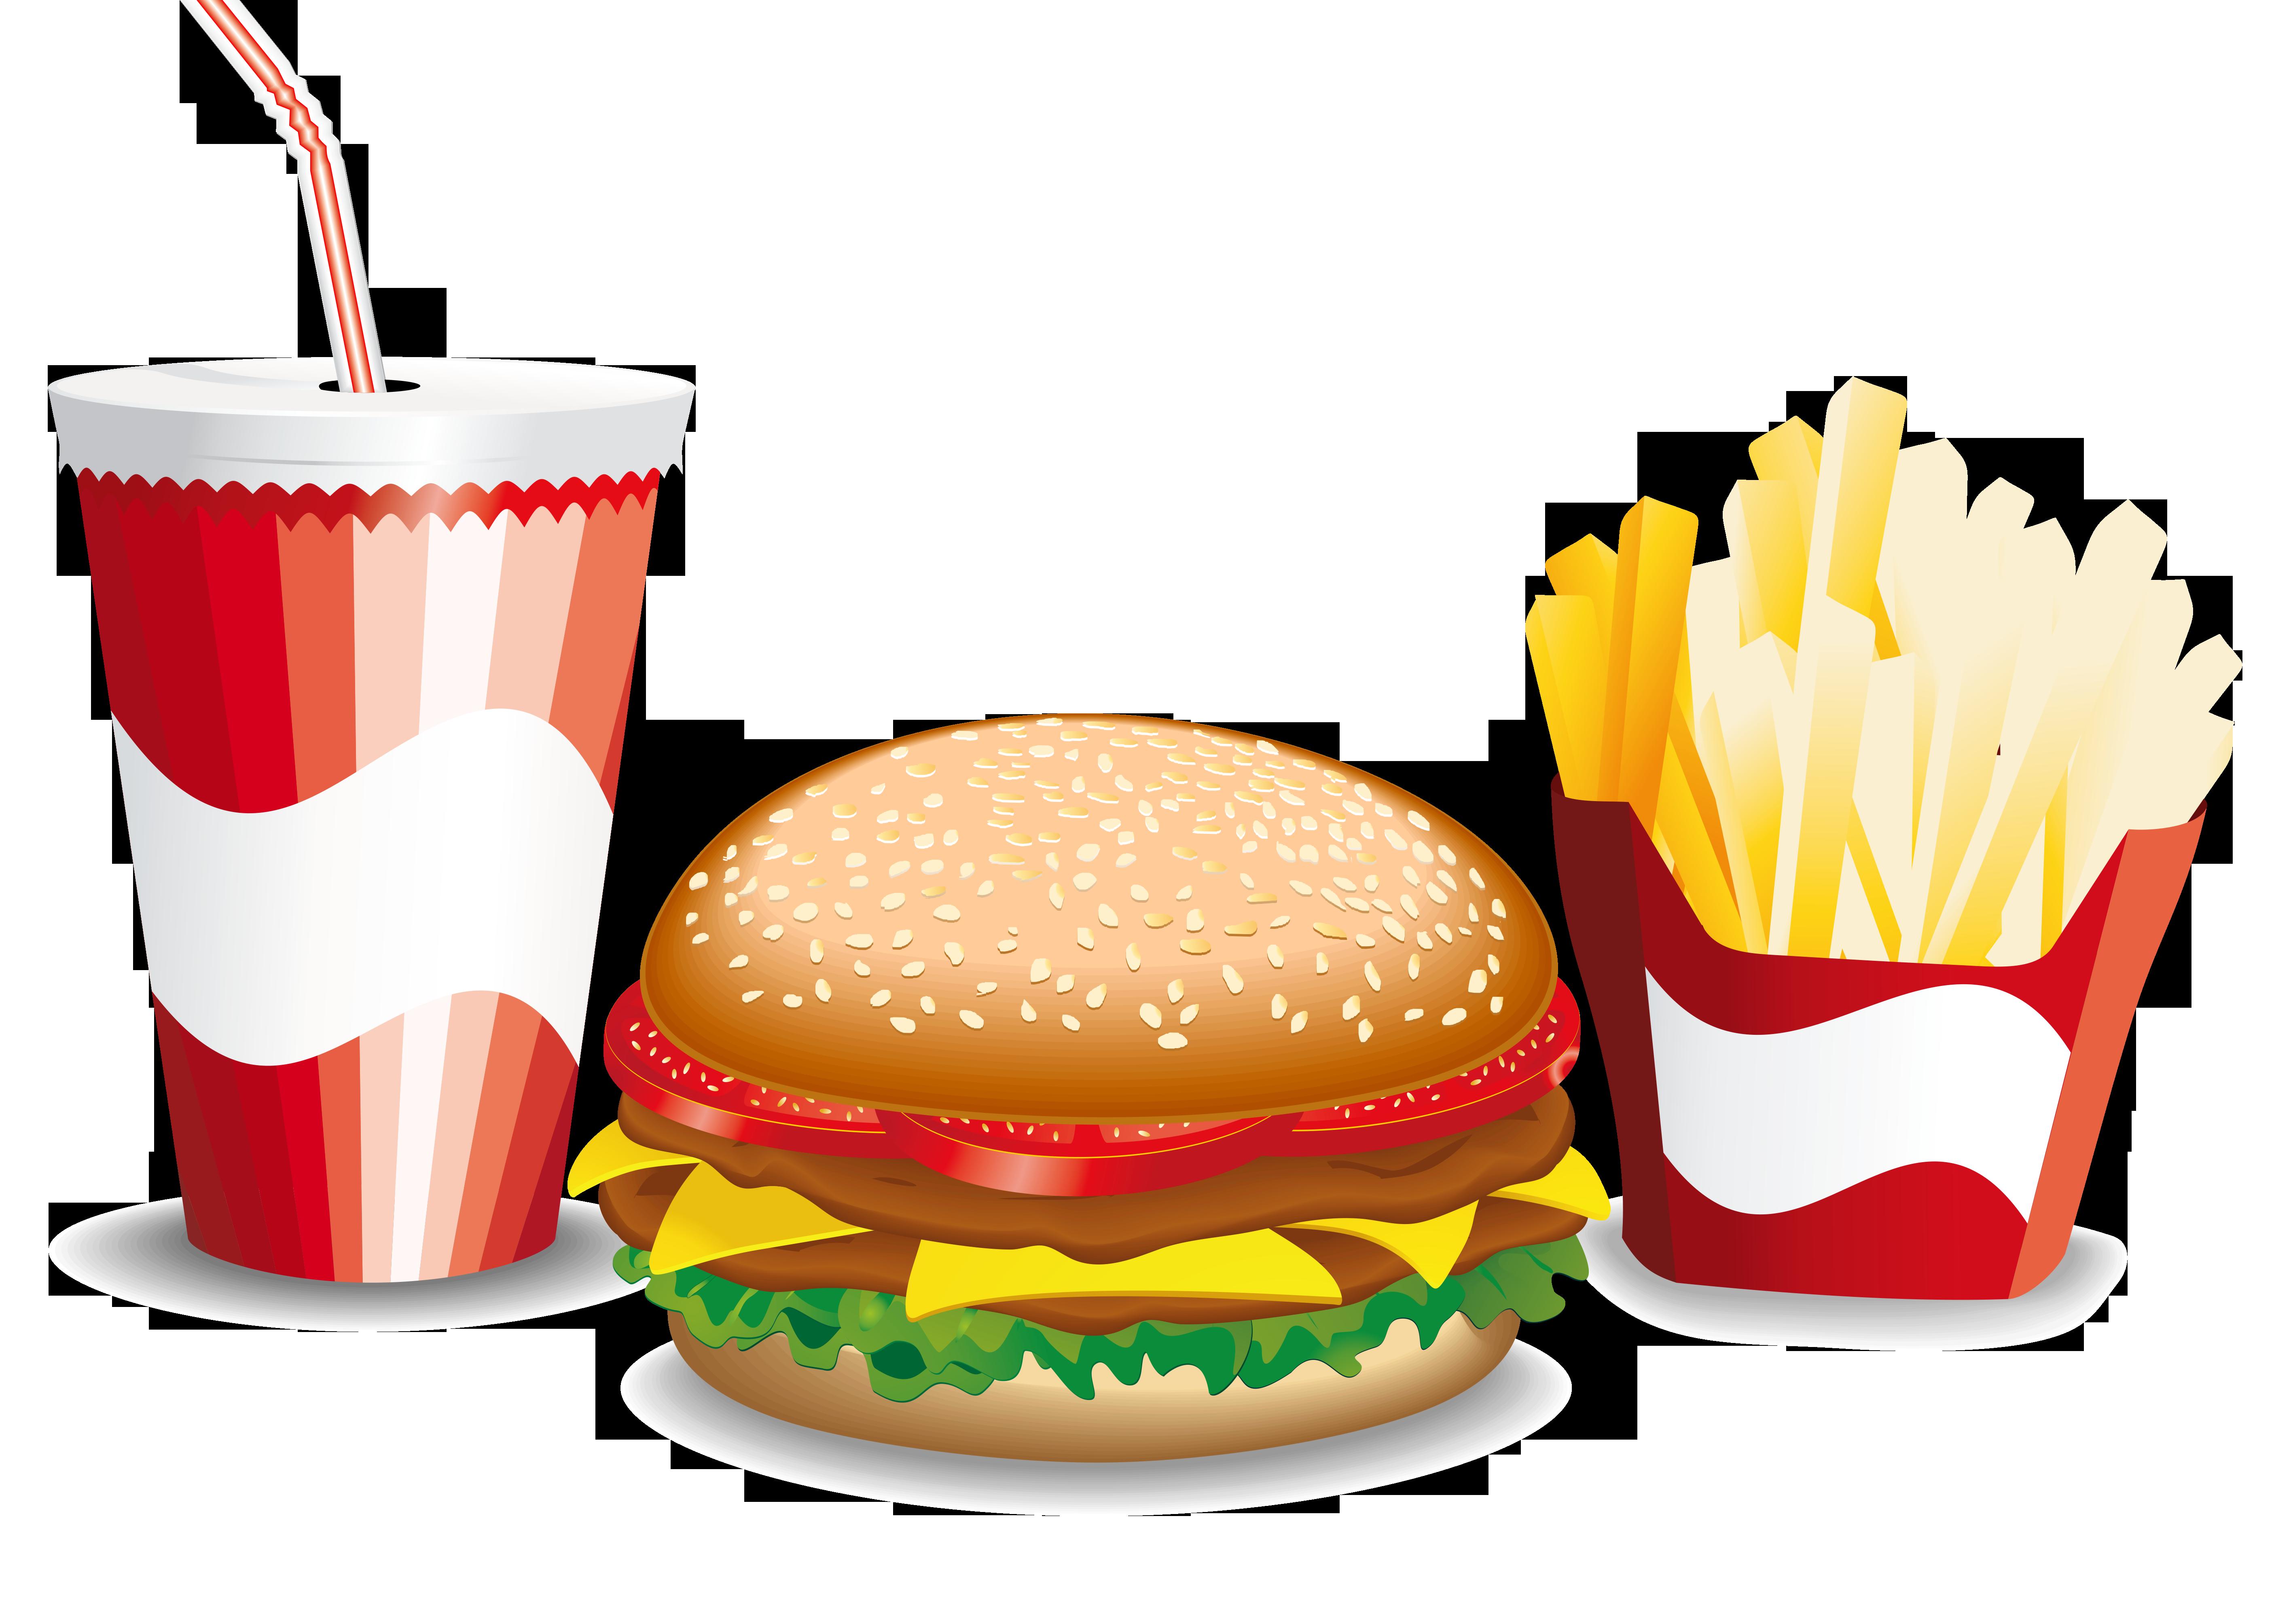 5669x4016 Hamburger Fast Food French Fries Cheeseburger